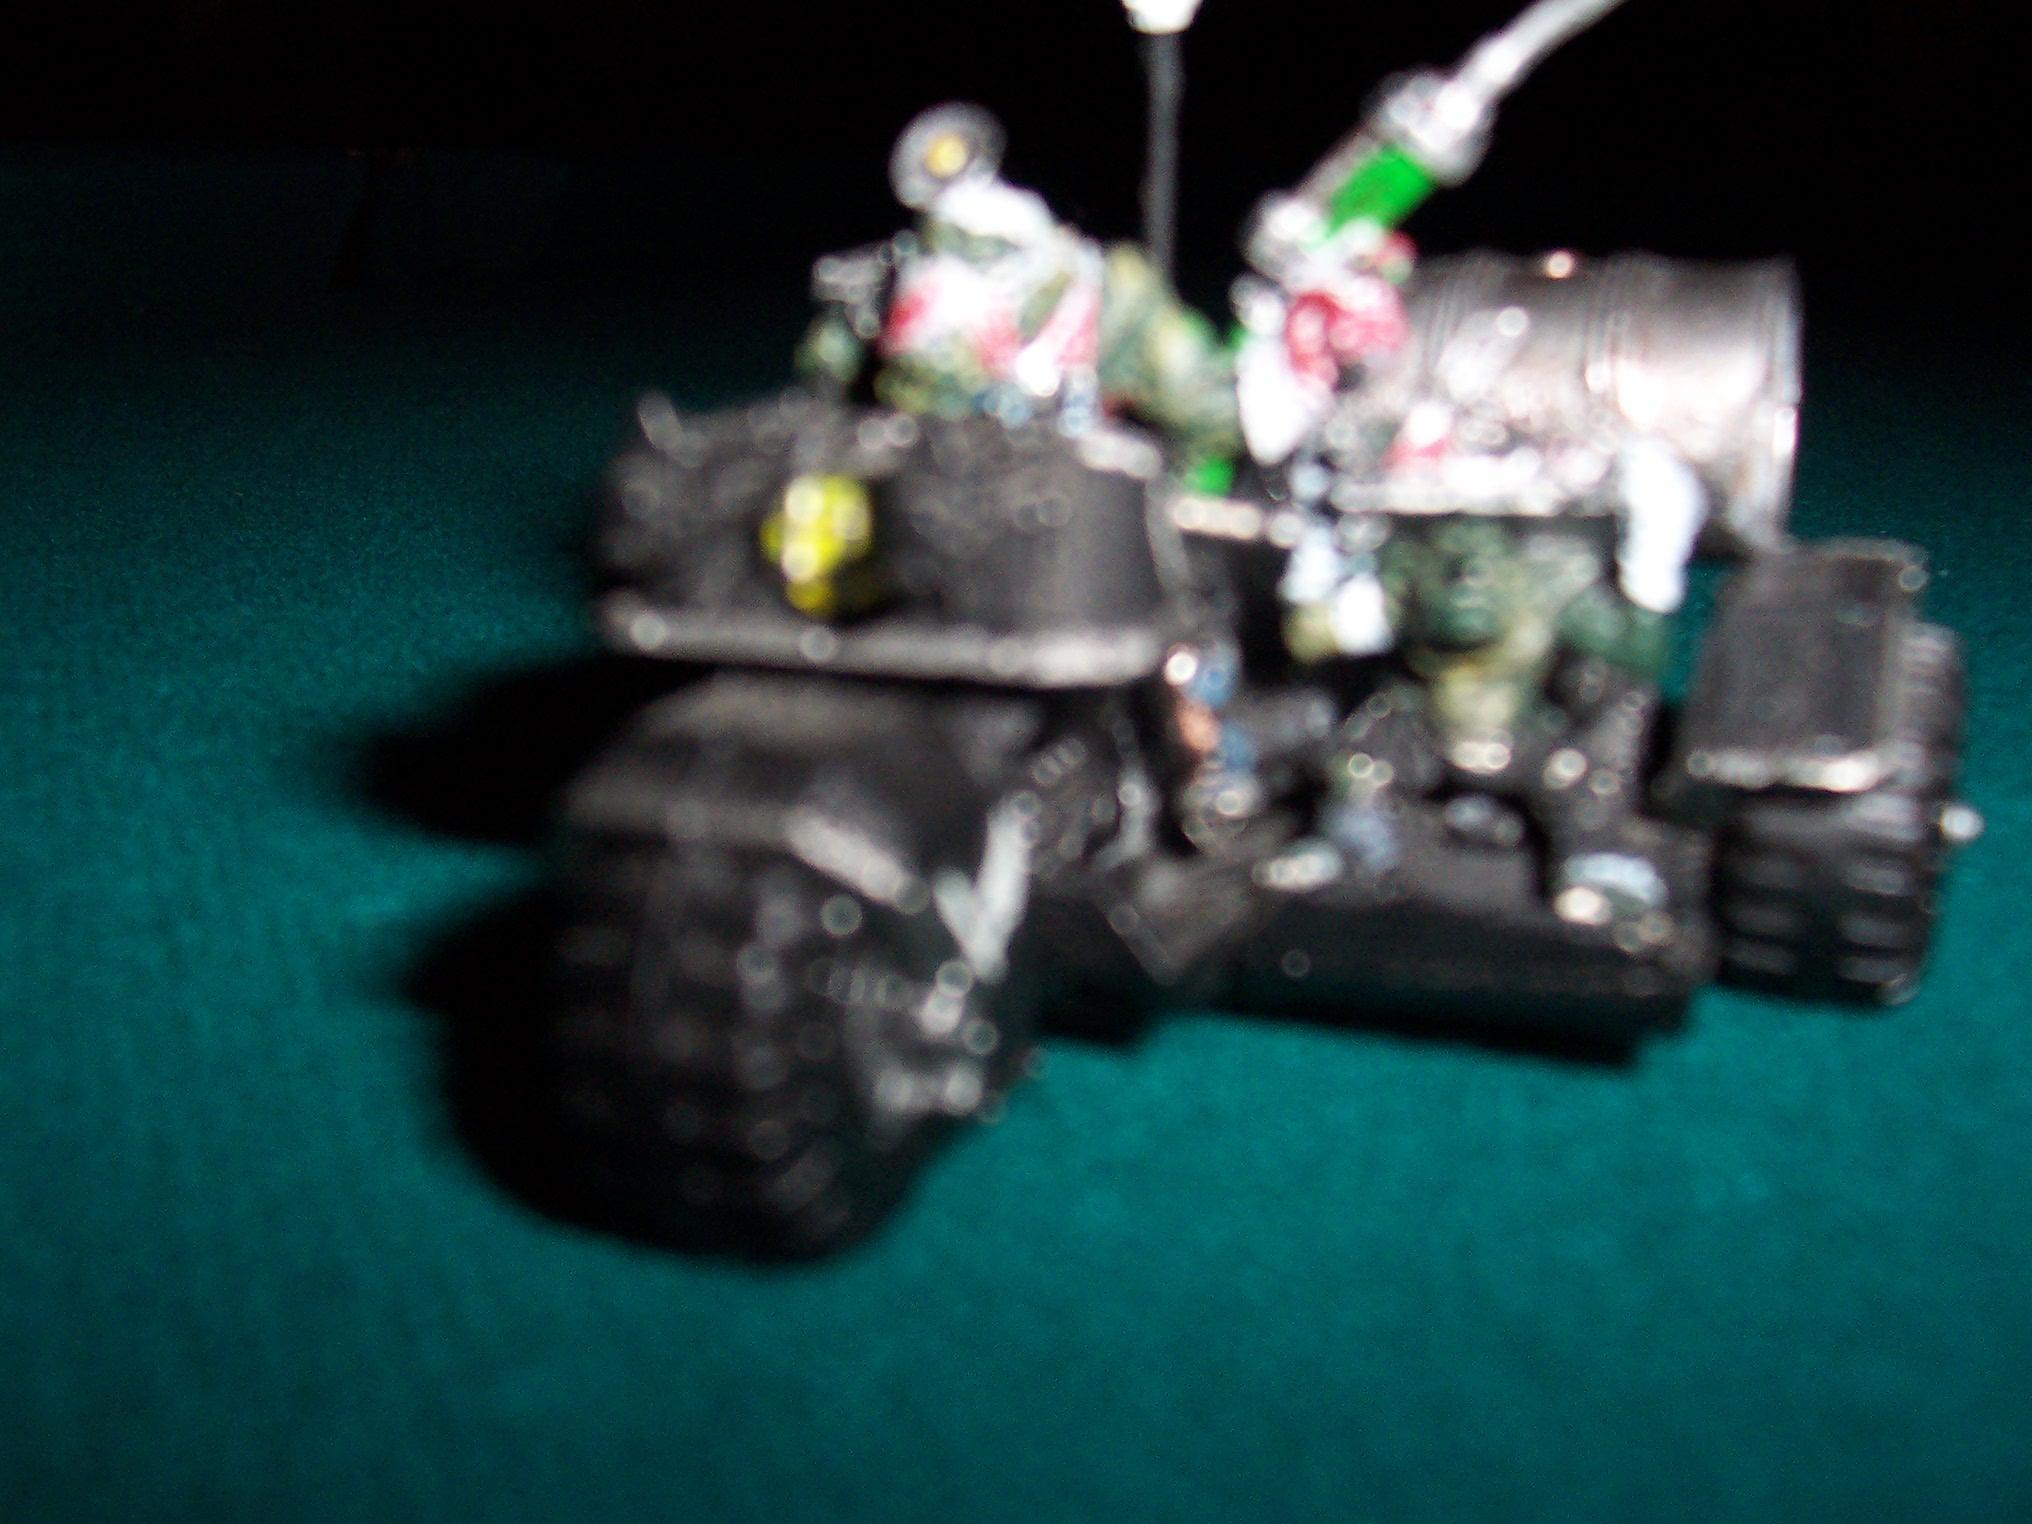 Bike, Blurred Photo, Mob, Nob